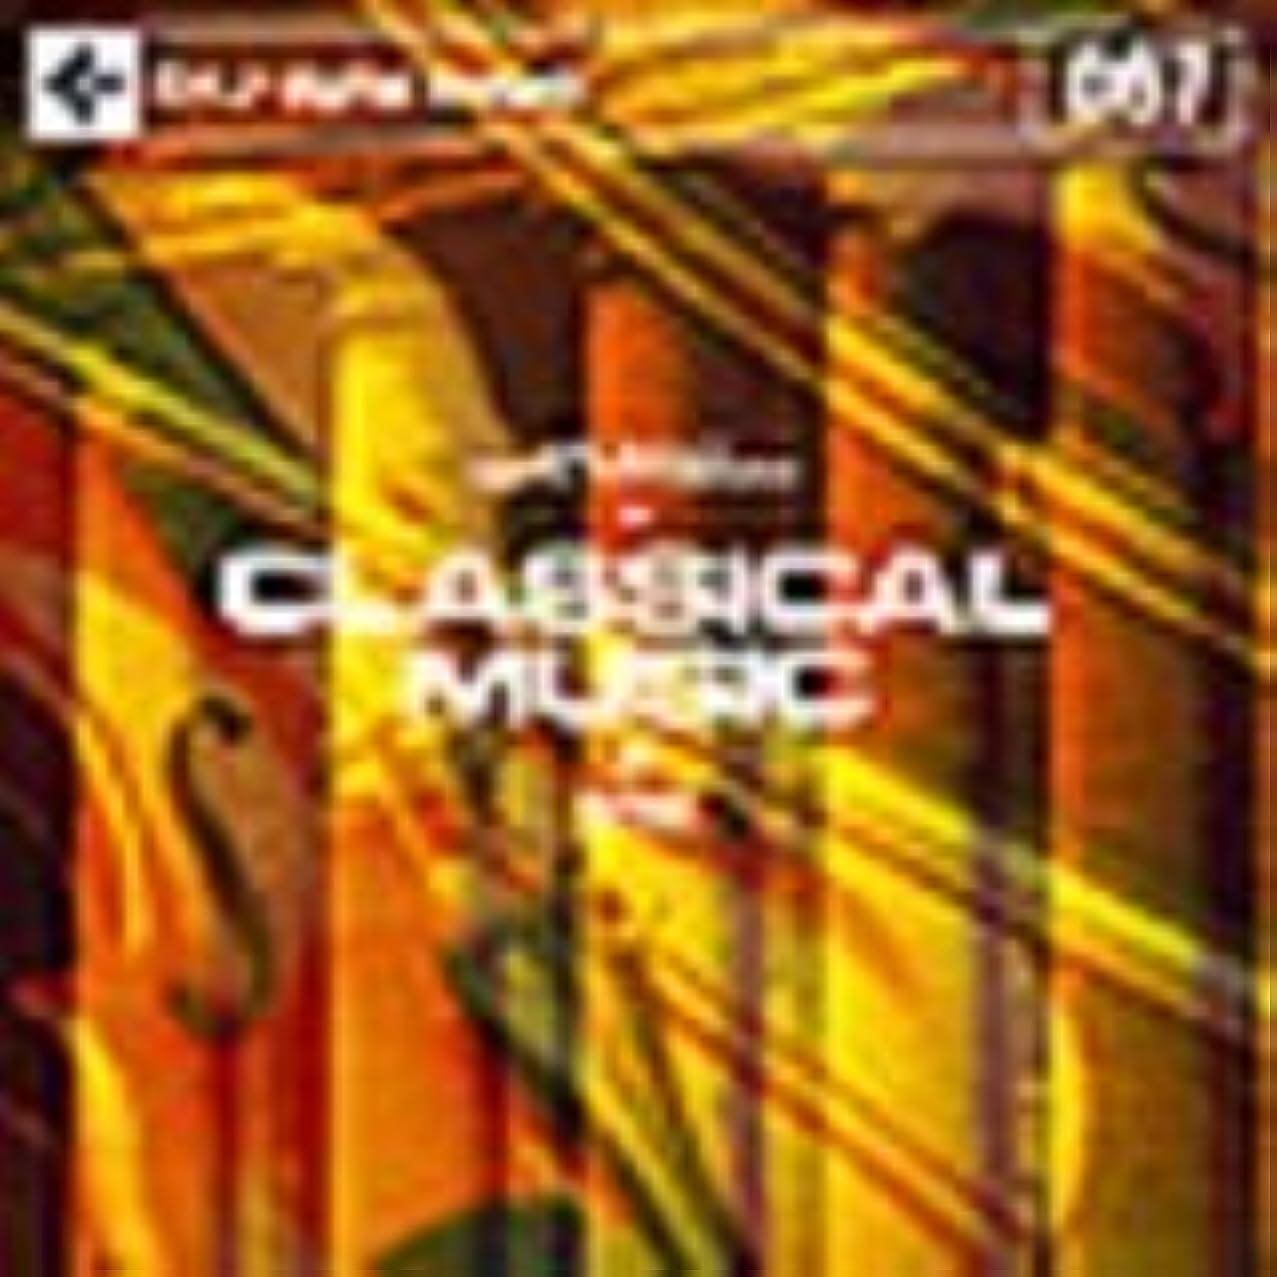 喜んで人道的比較的DAJ 067 クラシックミュージック